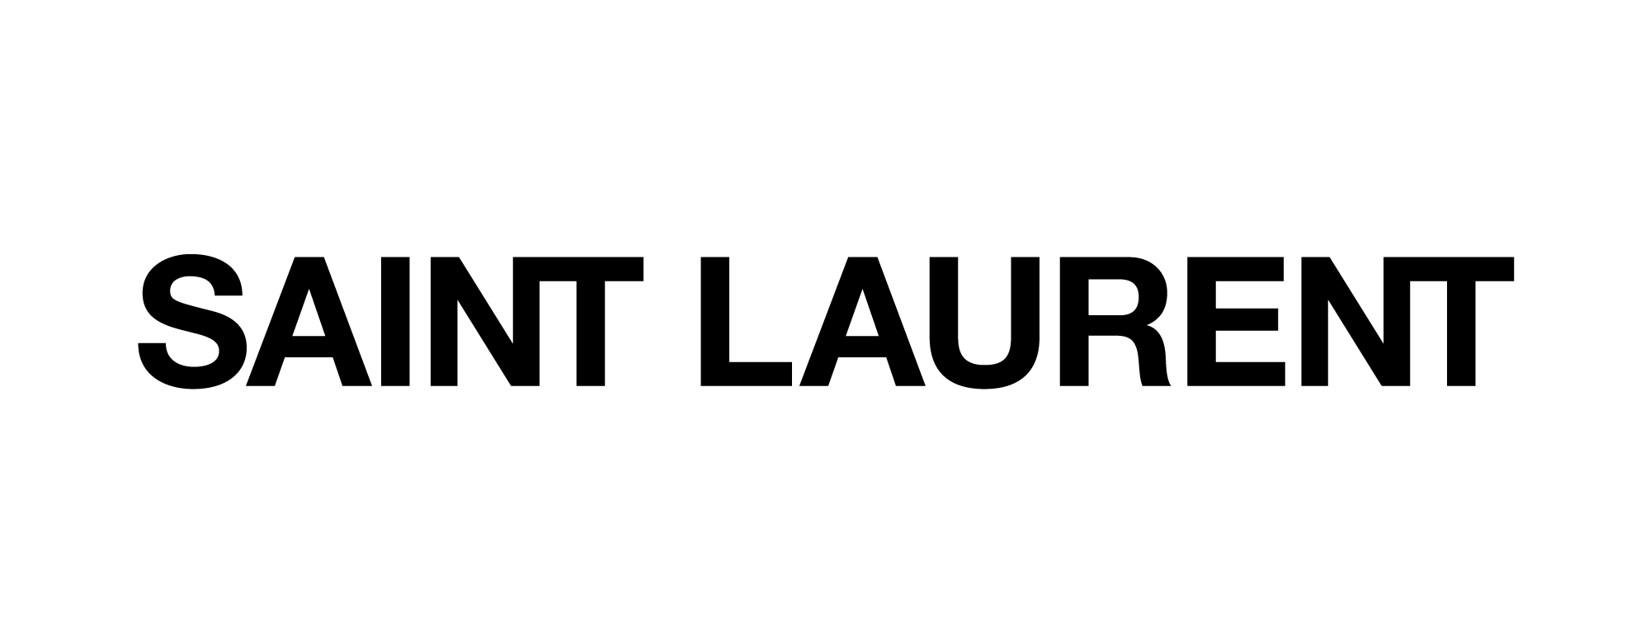 Saint L - logo.jpg